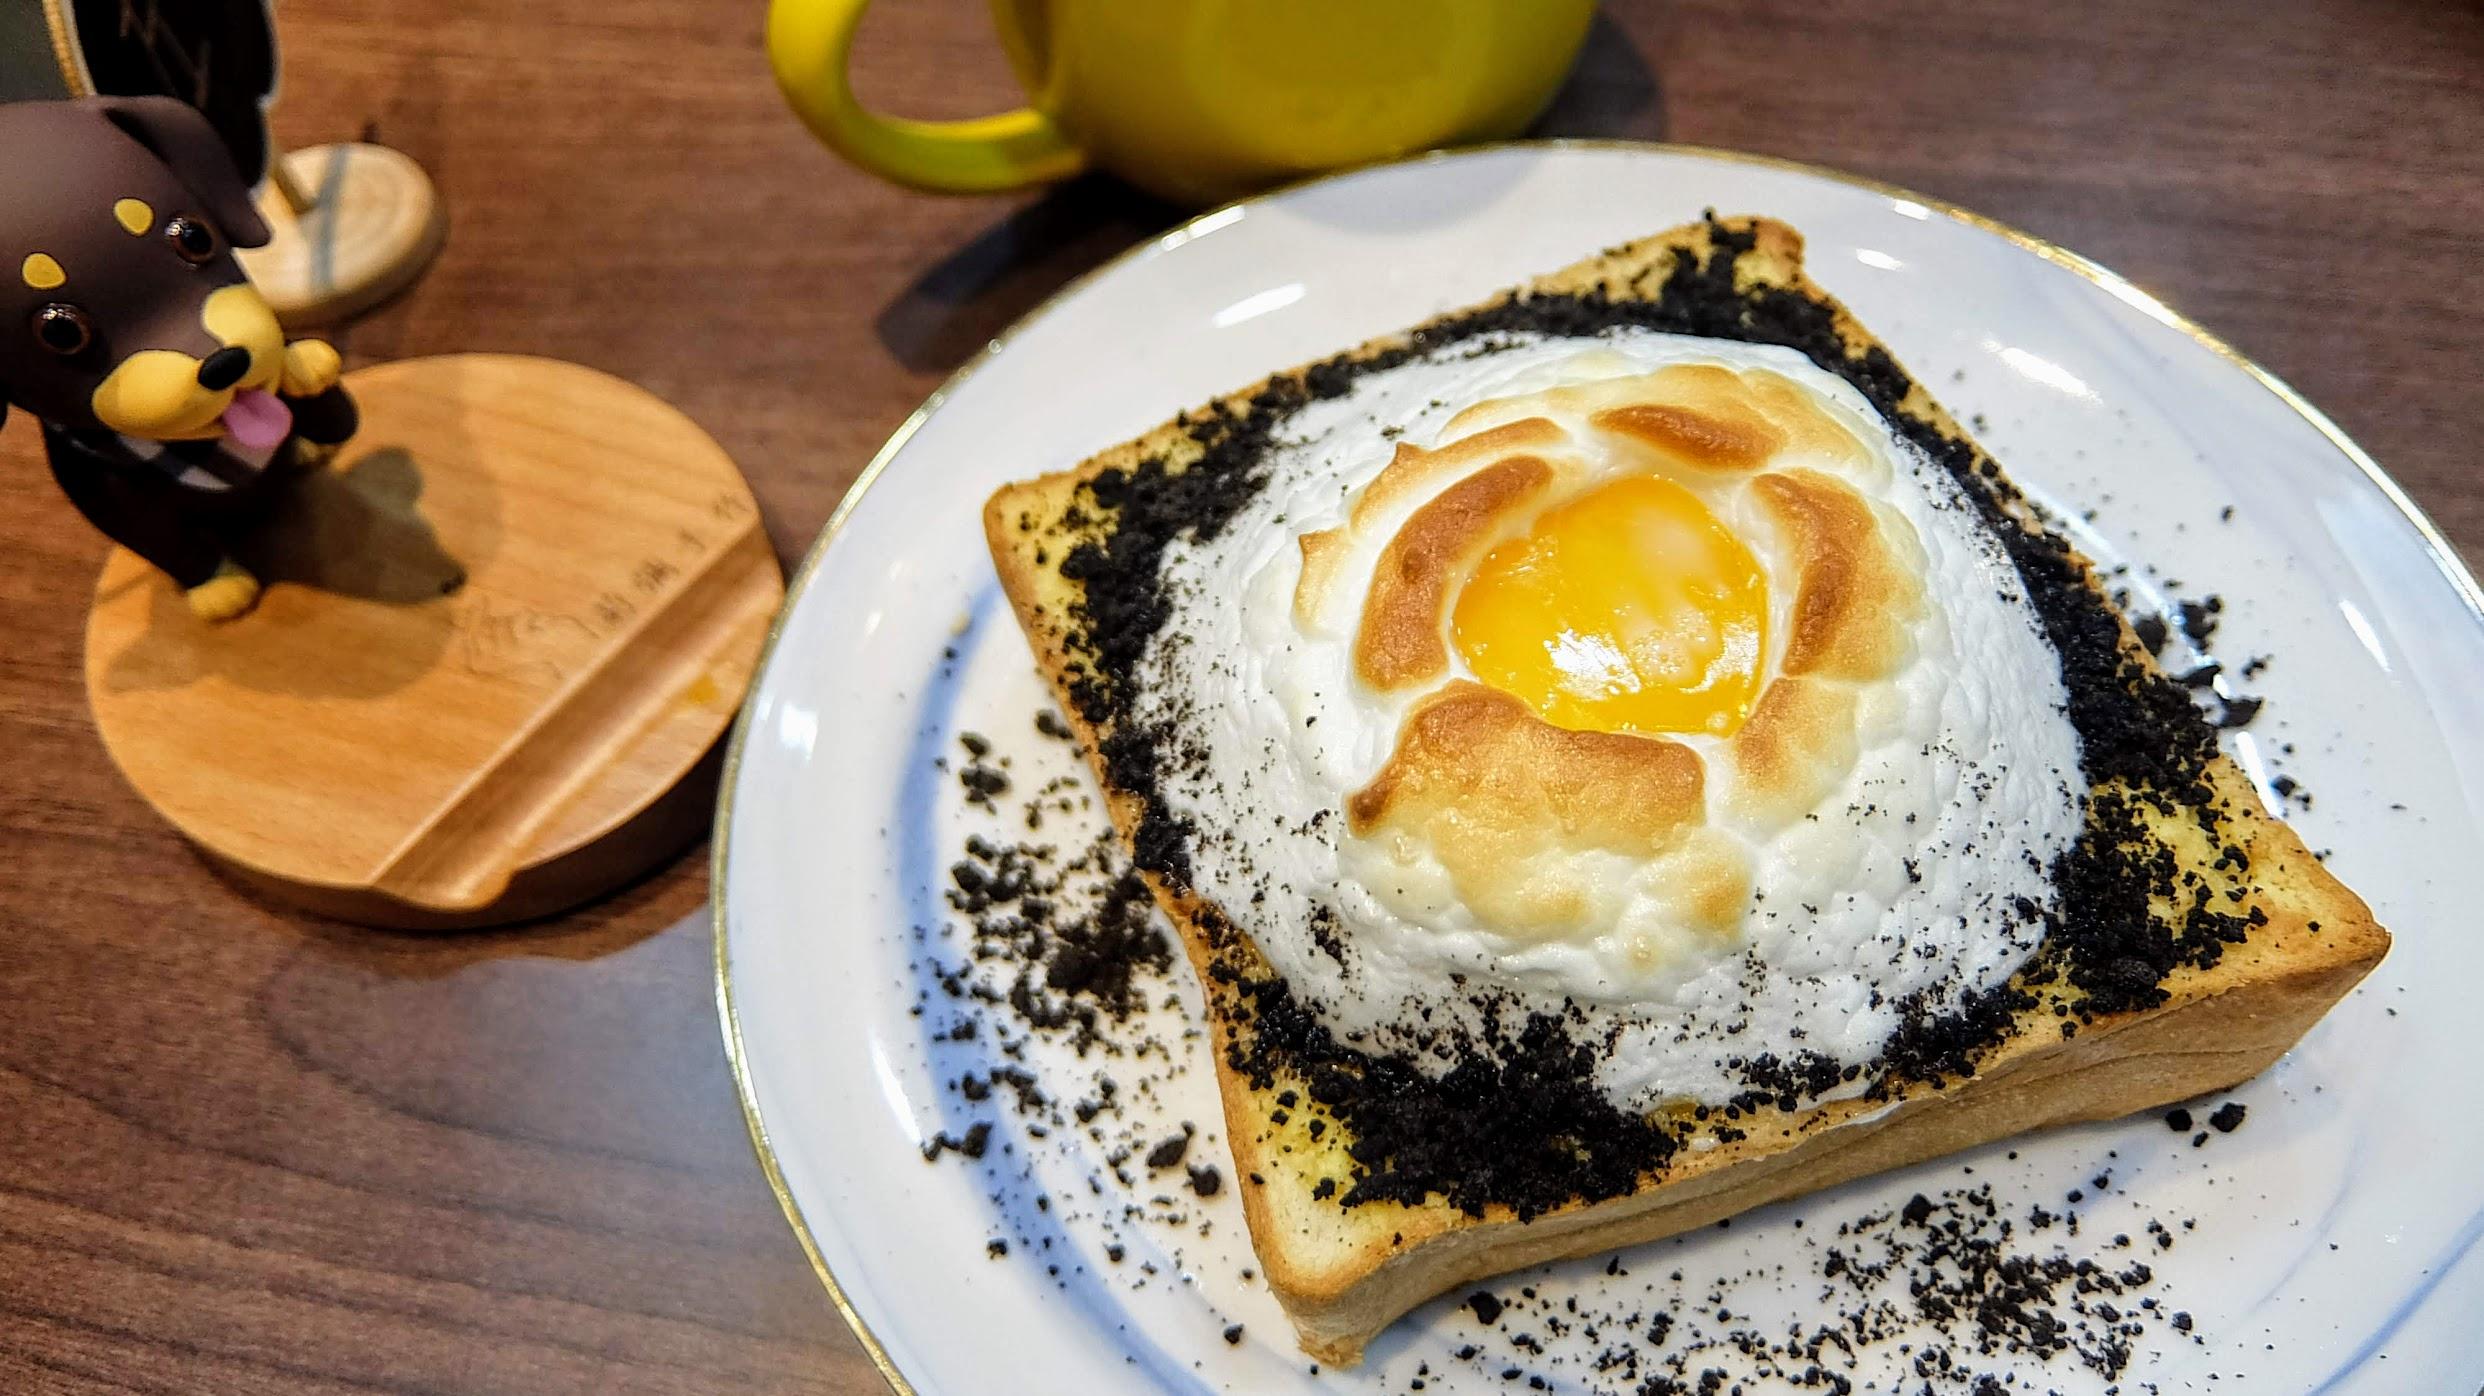 火山爆發! 看到菜單上的創意料理,就點囉! 很特別啊啊!